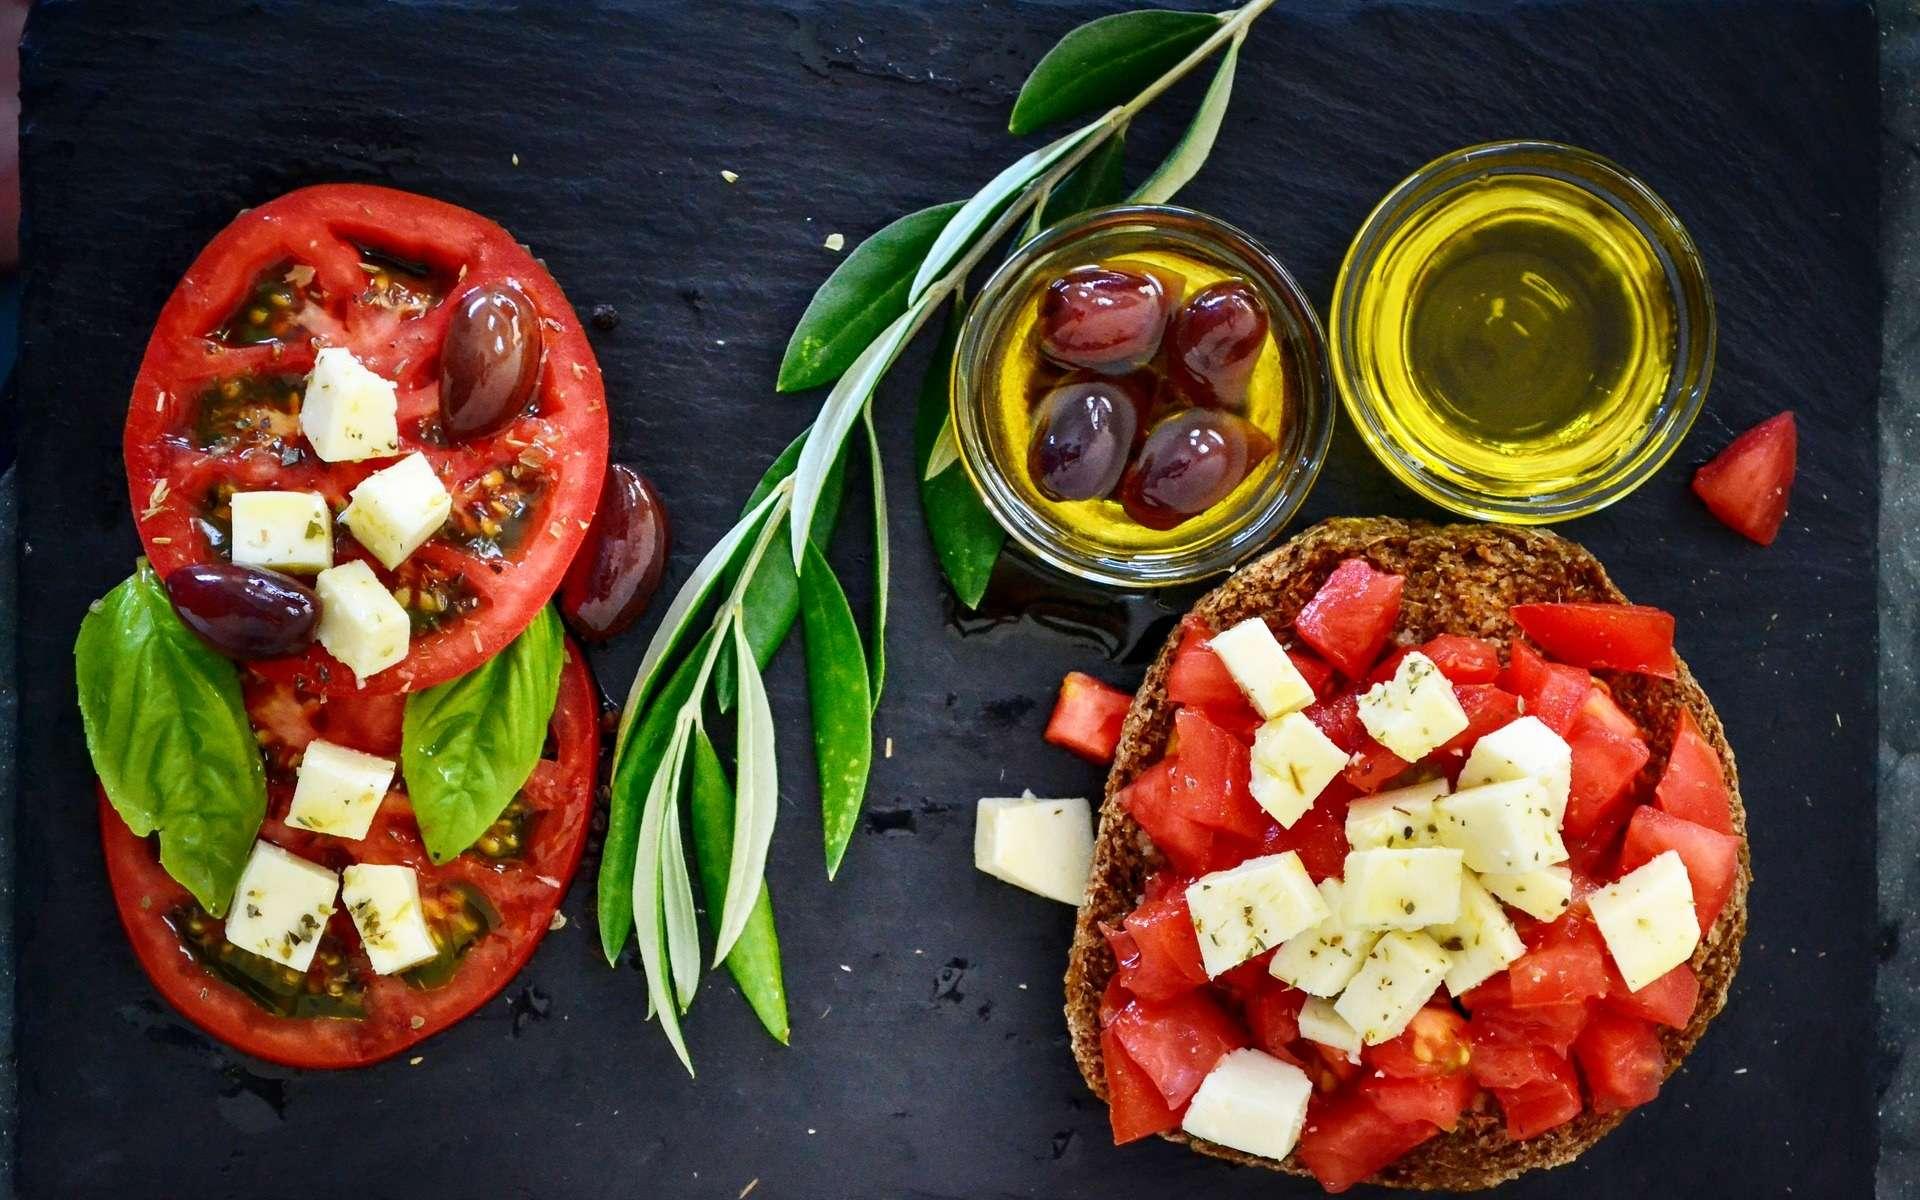 Fruits, légumes, huile d'olive, fromage : des ingrédients d'une alimentation méditerranéenne. © Dana Tentis, Pixabay, CCO